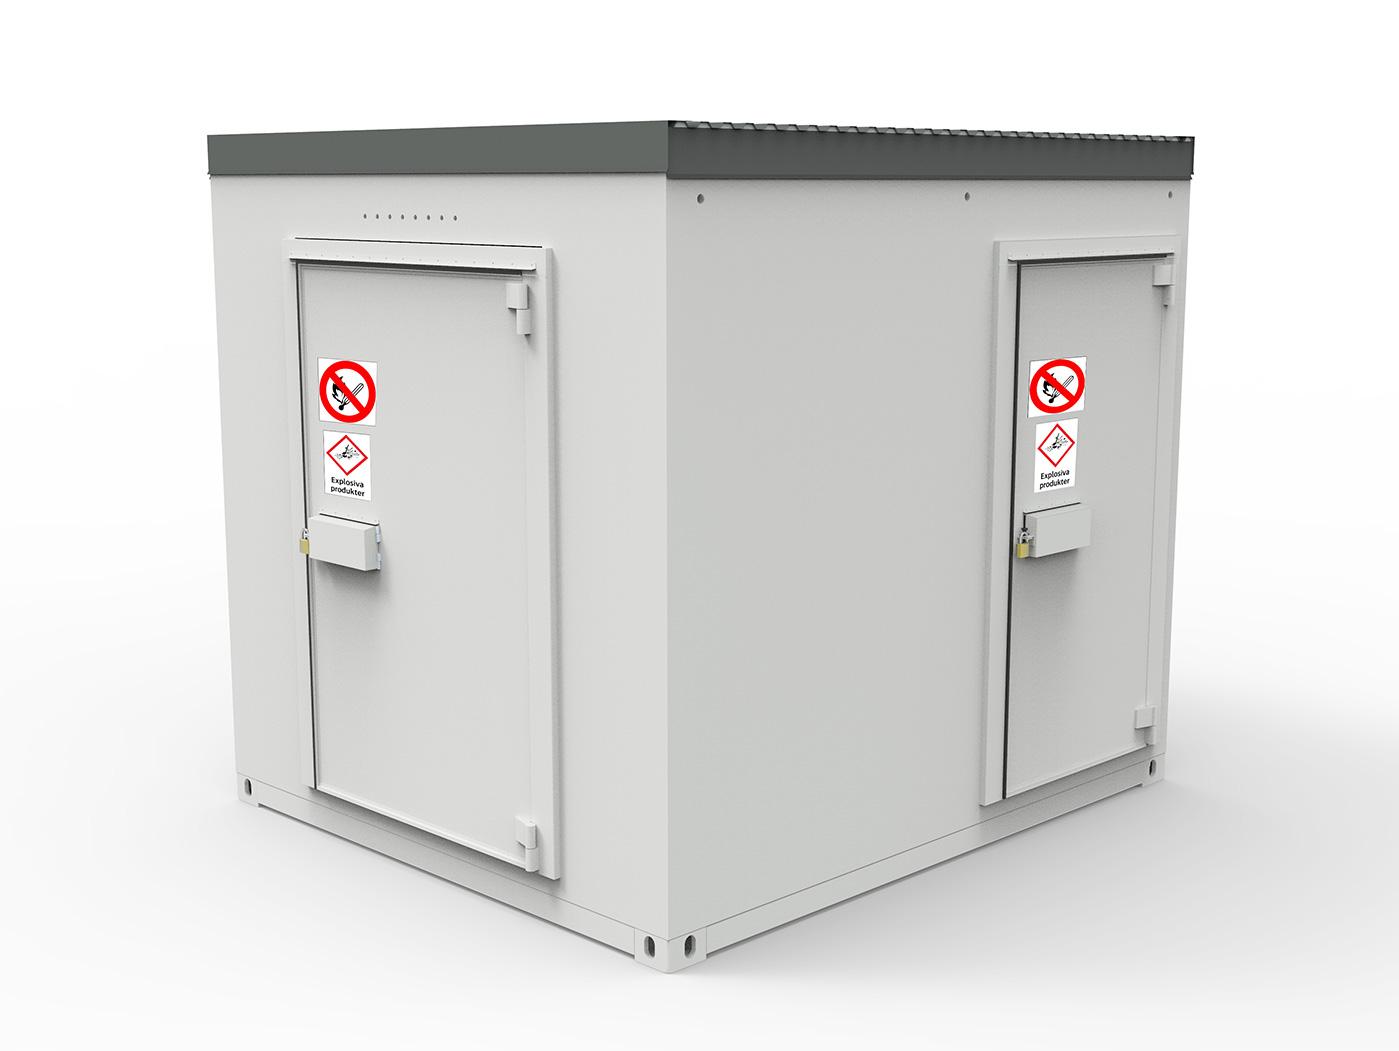 Conteneur sécurisé anti-effraction pour les chantiers